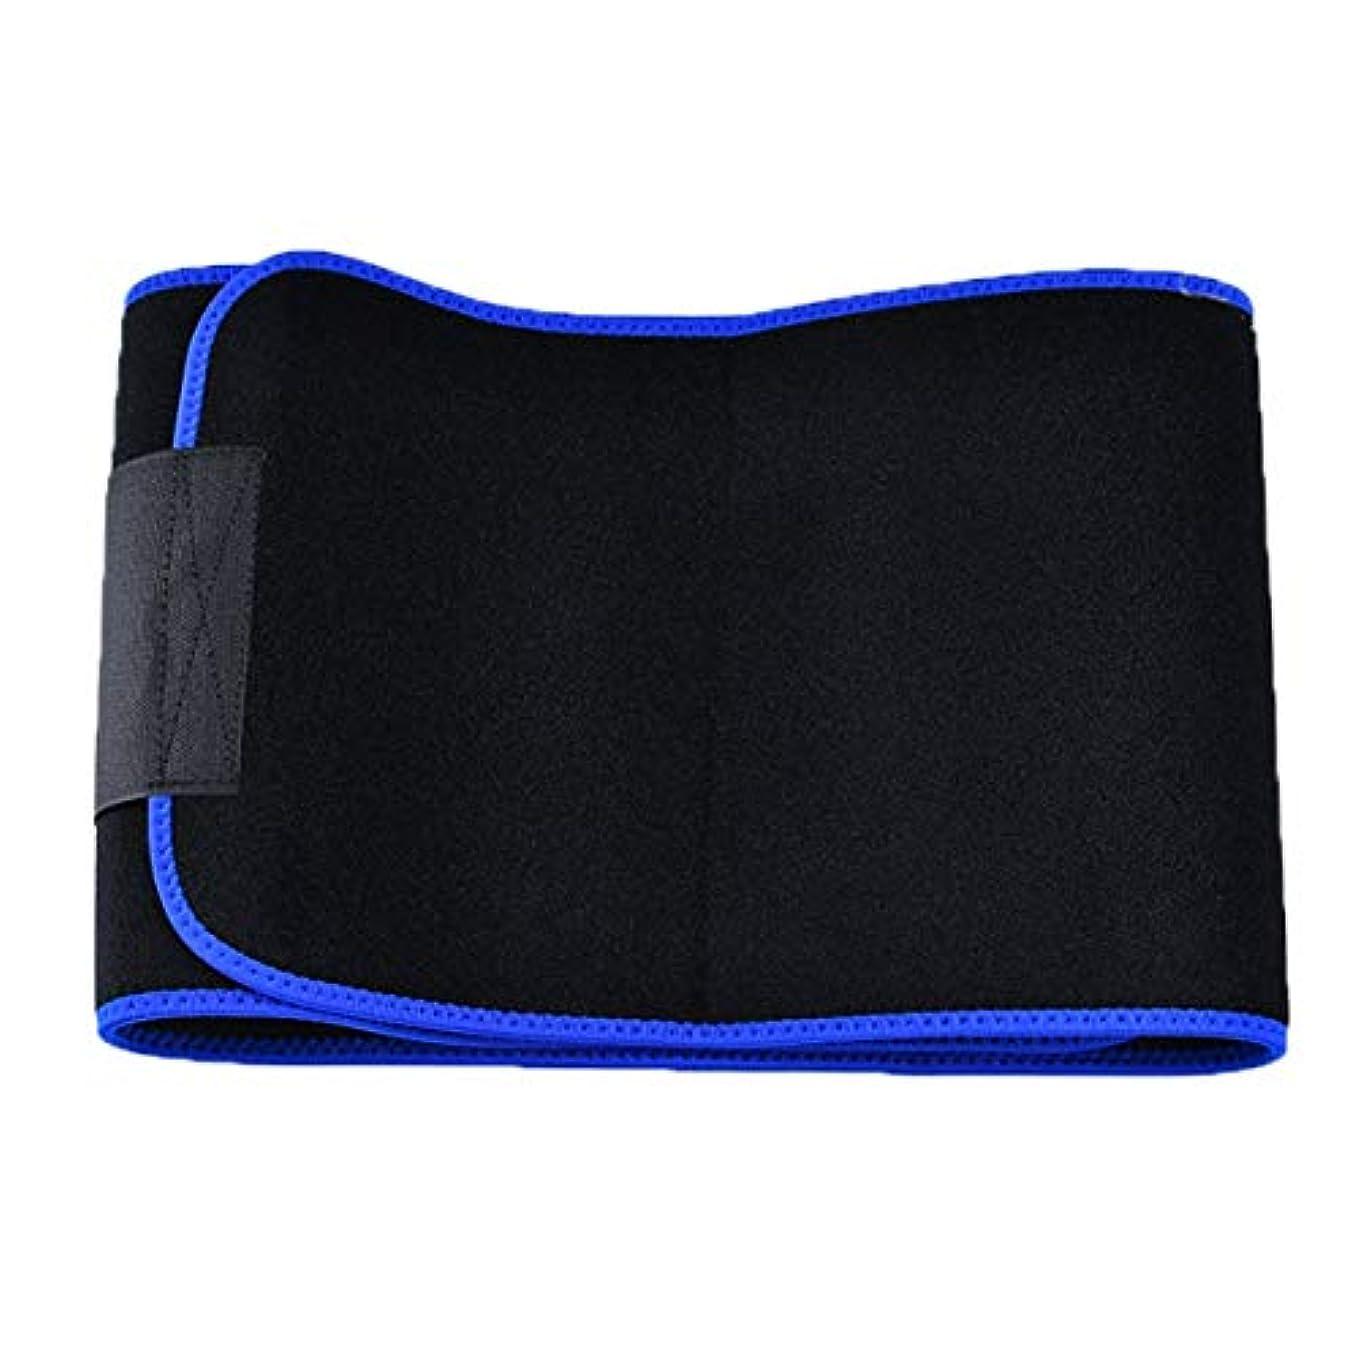 移行とにかく山腹部プラスチックベルトウエストサポートボディシェイパートレーニングコルセット痩身ウエストベルトスリム汗スポーツ保護具